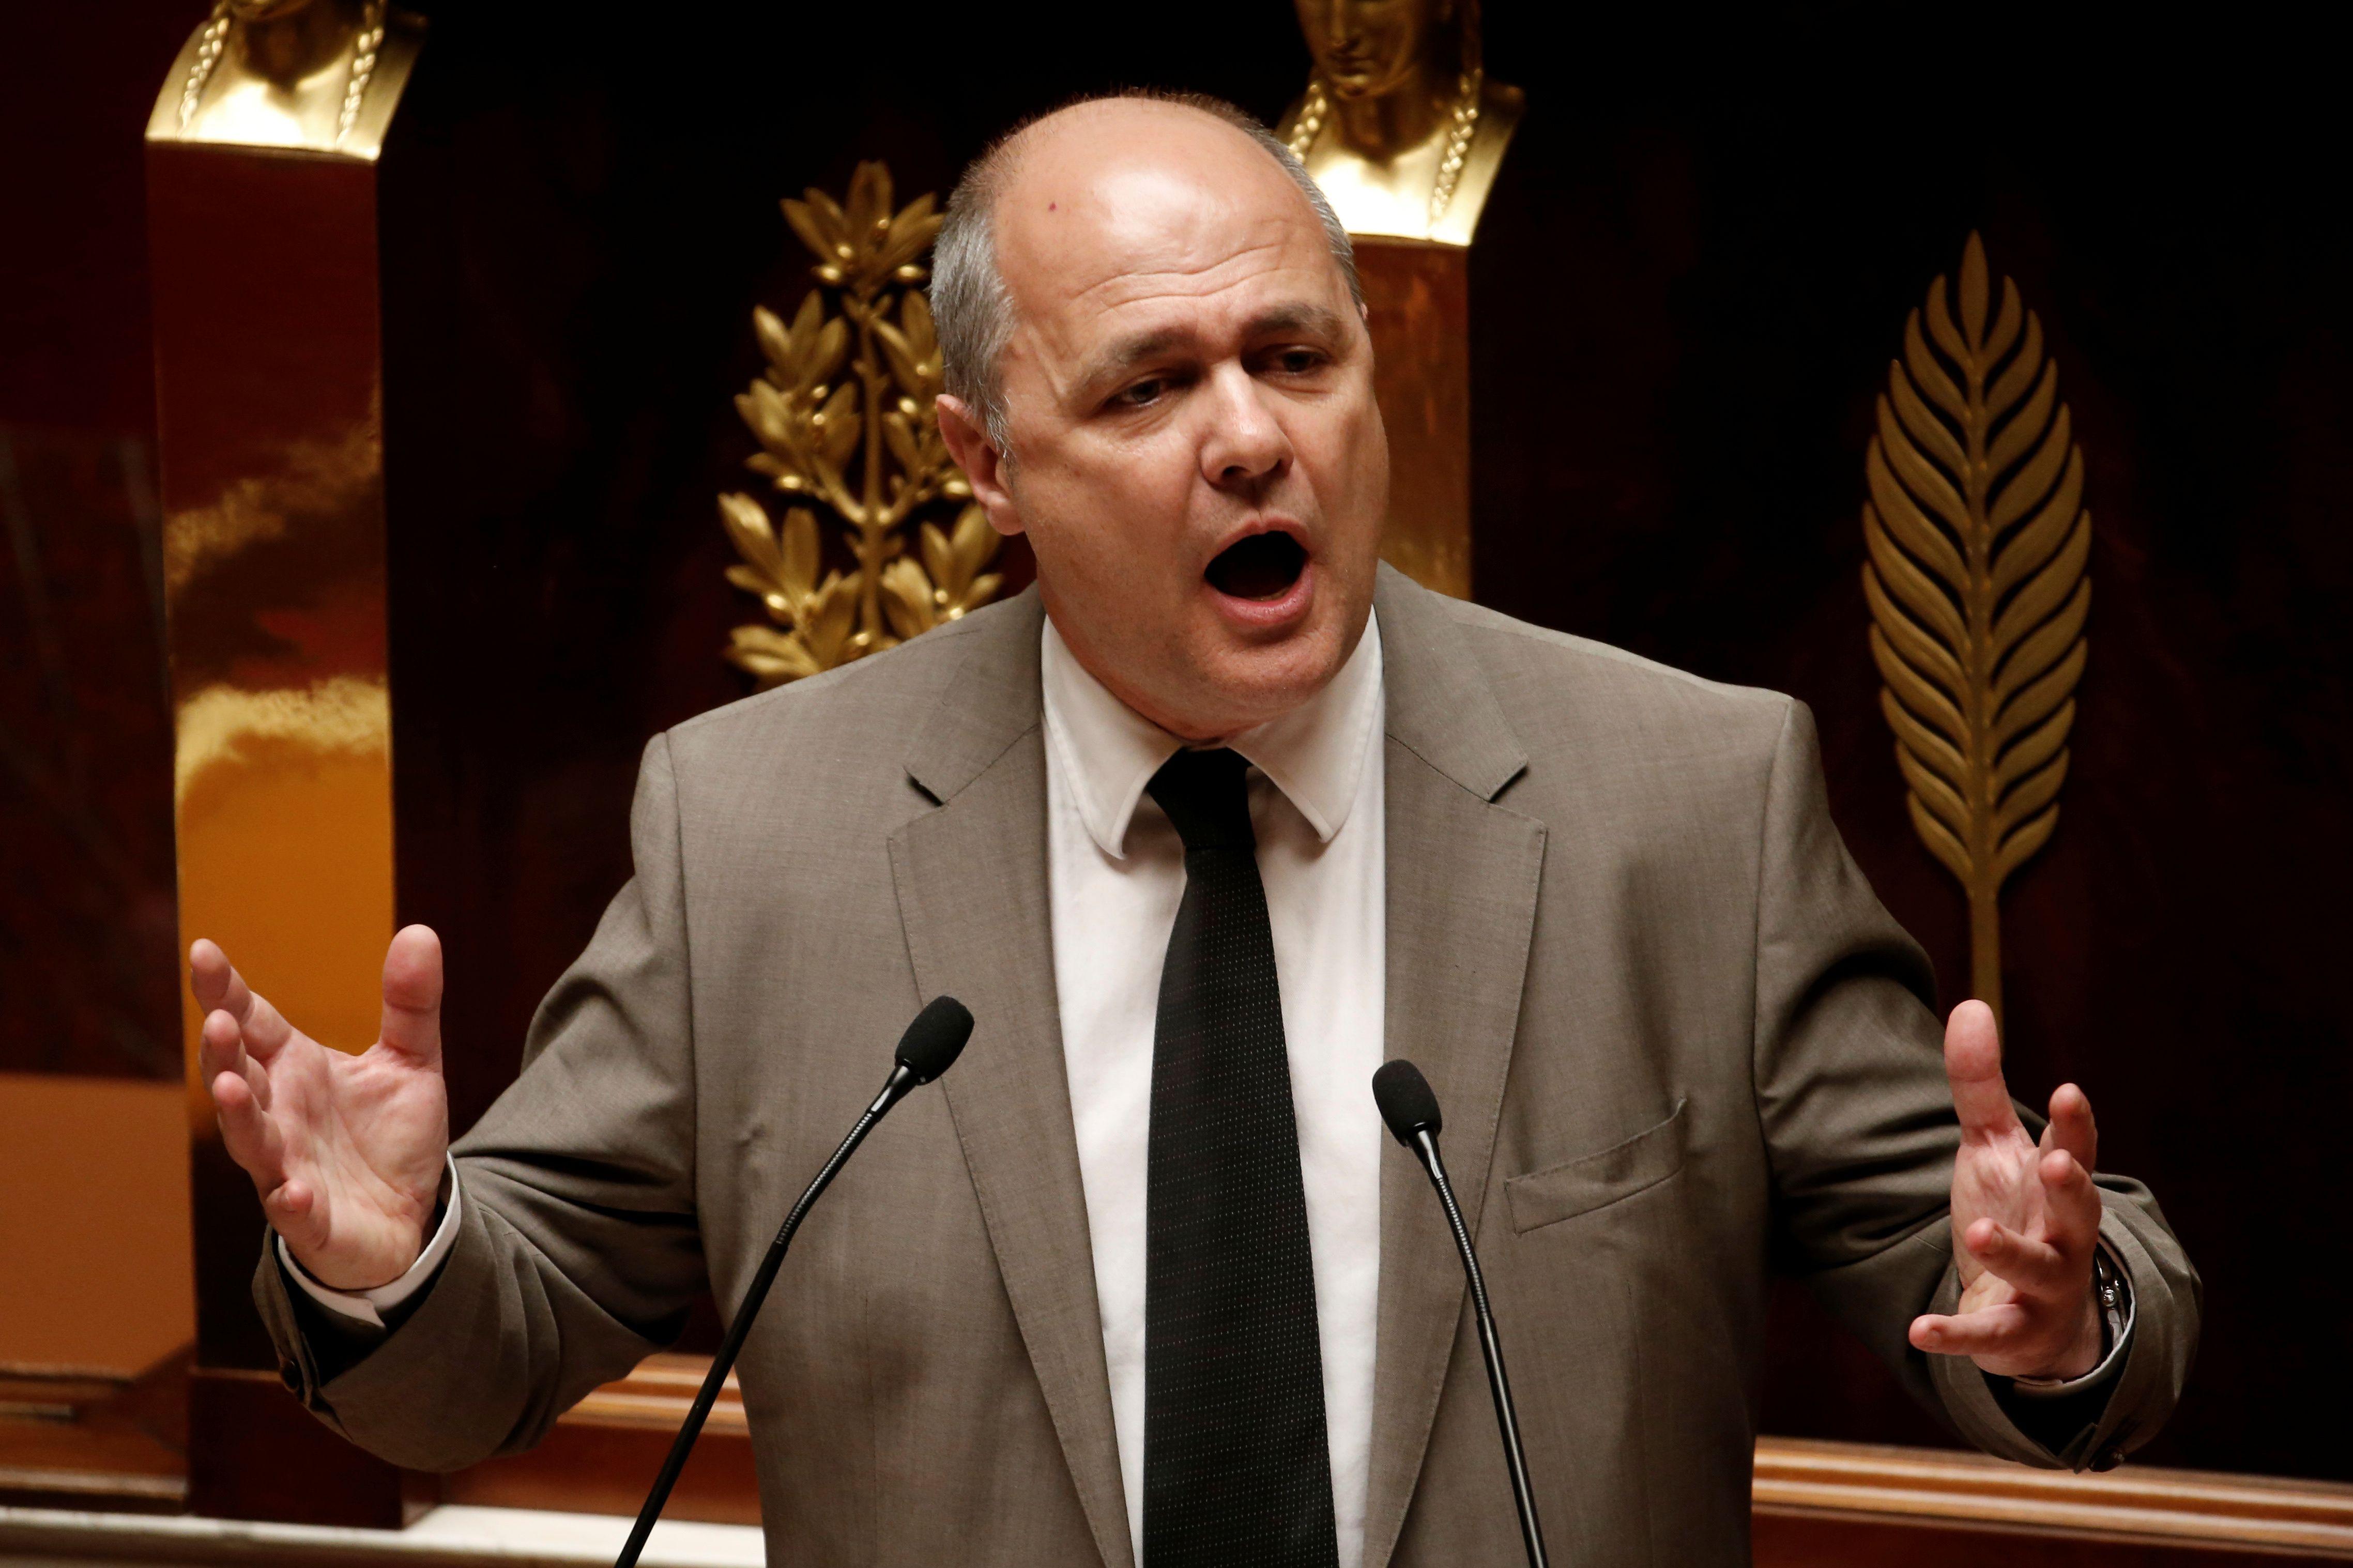 Bruno Le Roux a embauché ses filles dès l'âge de 15 ans à l'Assemblée nationale comme collaboratrices parlementaires